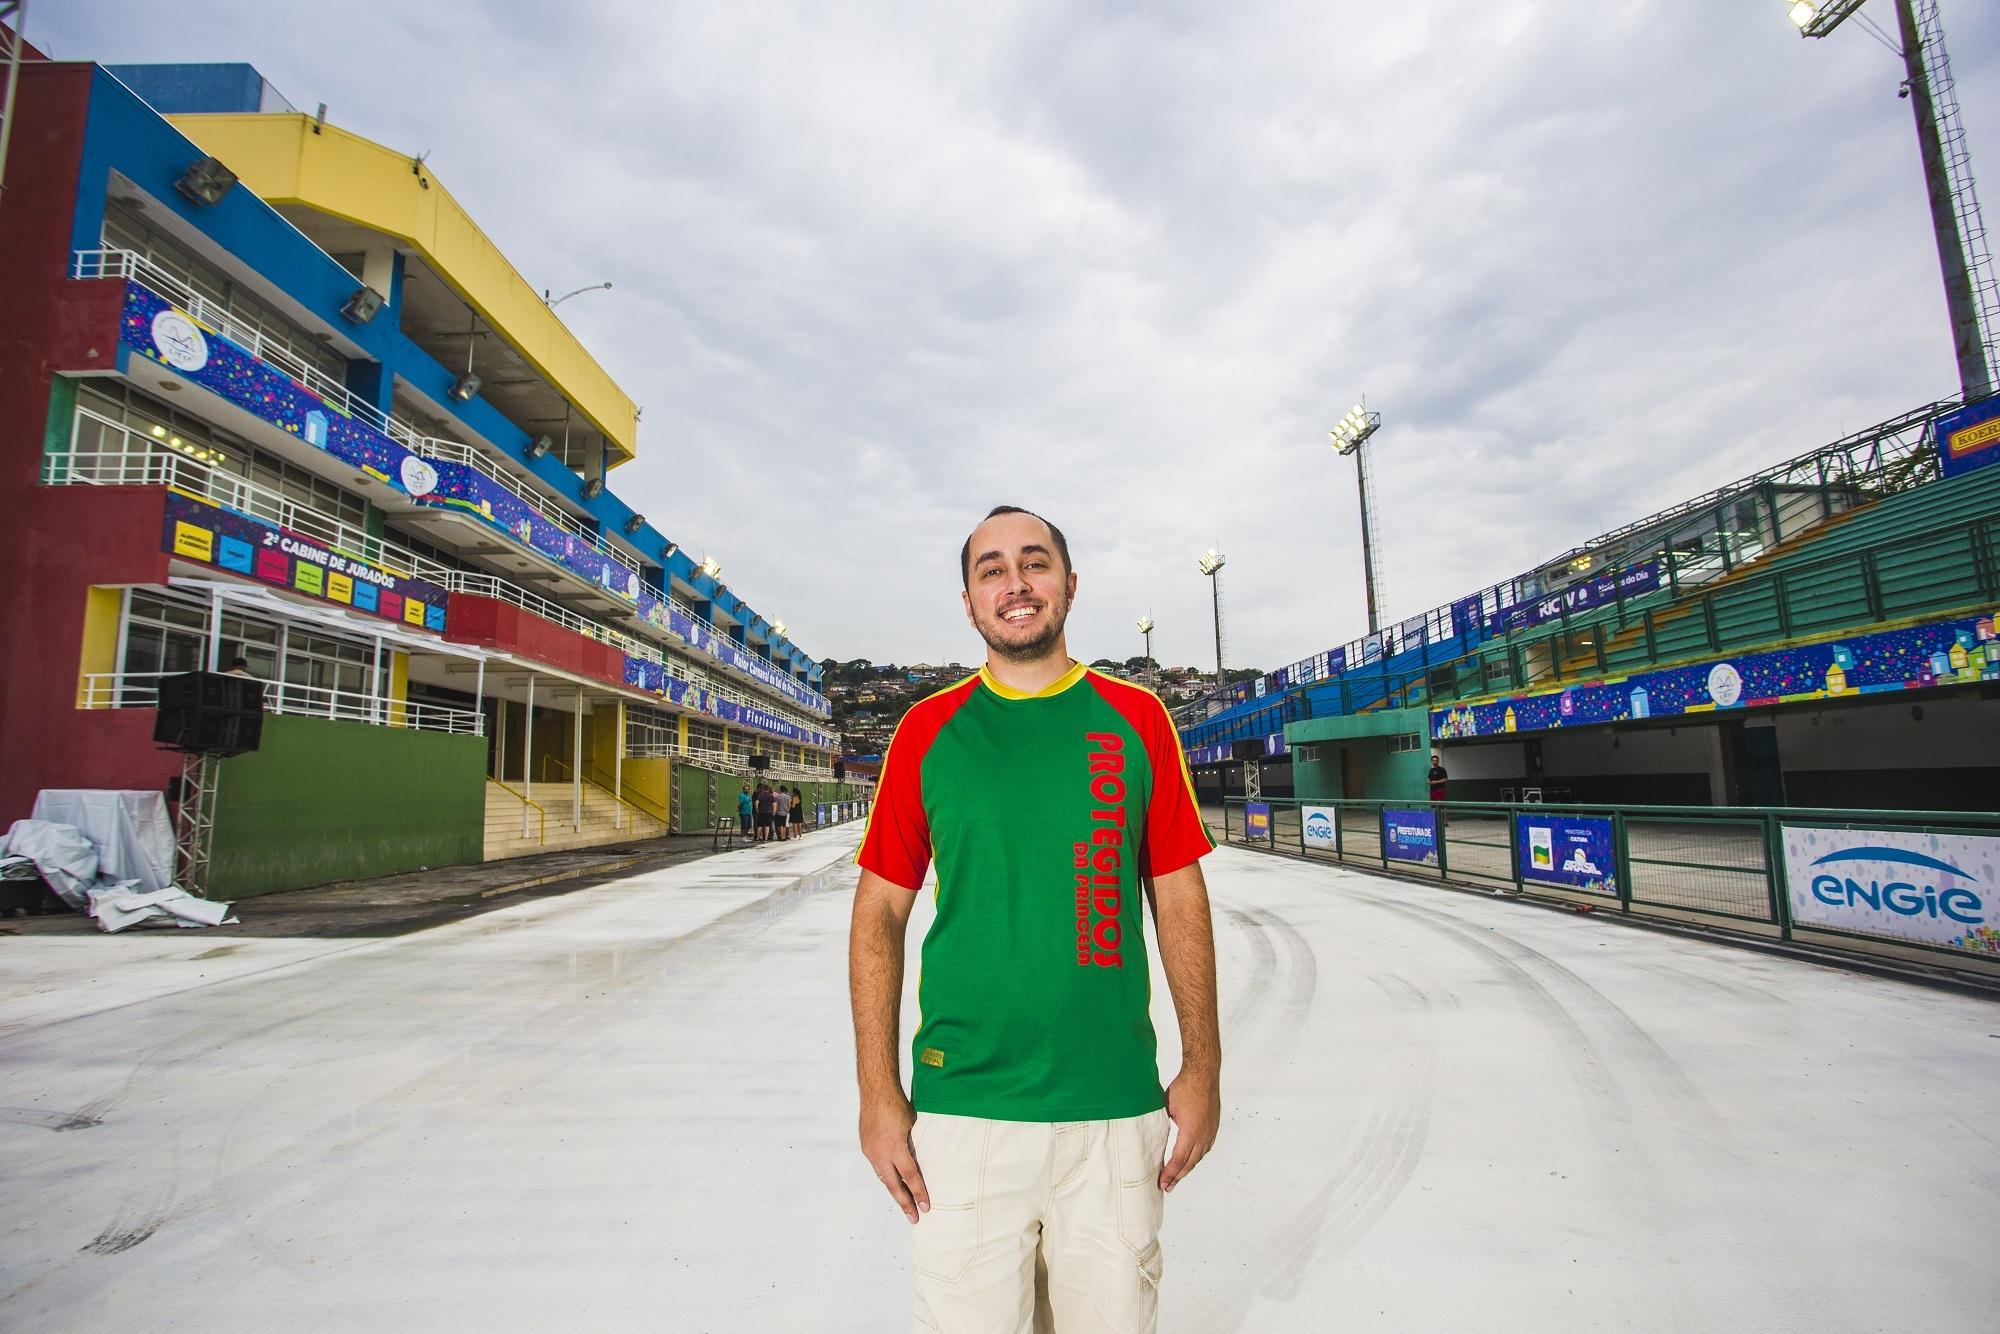 Carnavalesco de Os Protegidos da Princesa, Willian Tadeu é responsável pelos carros alegóricos e fantasias - Daniel Queiroz/ND